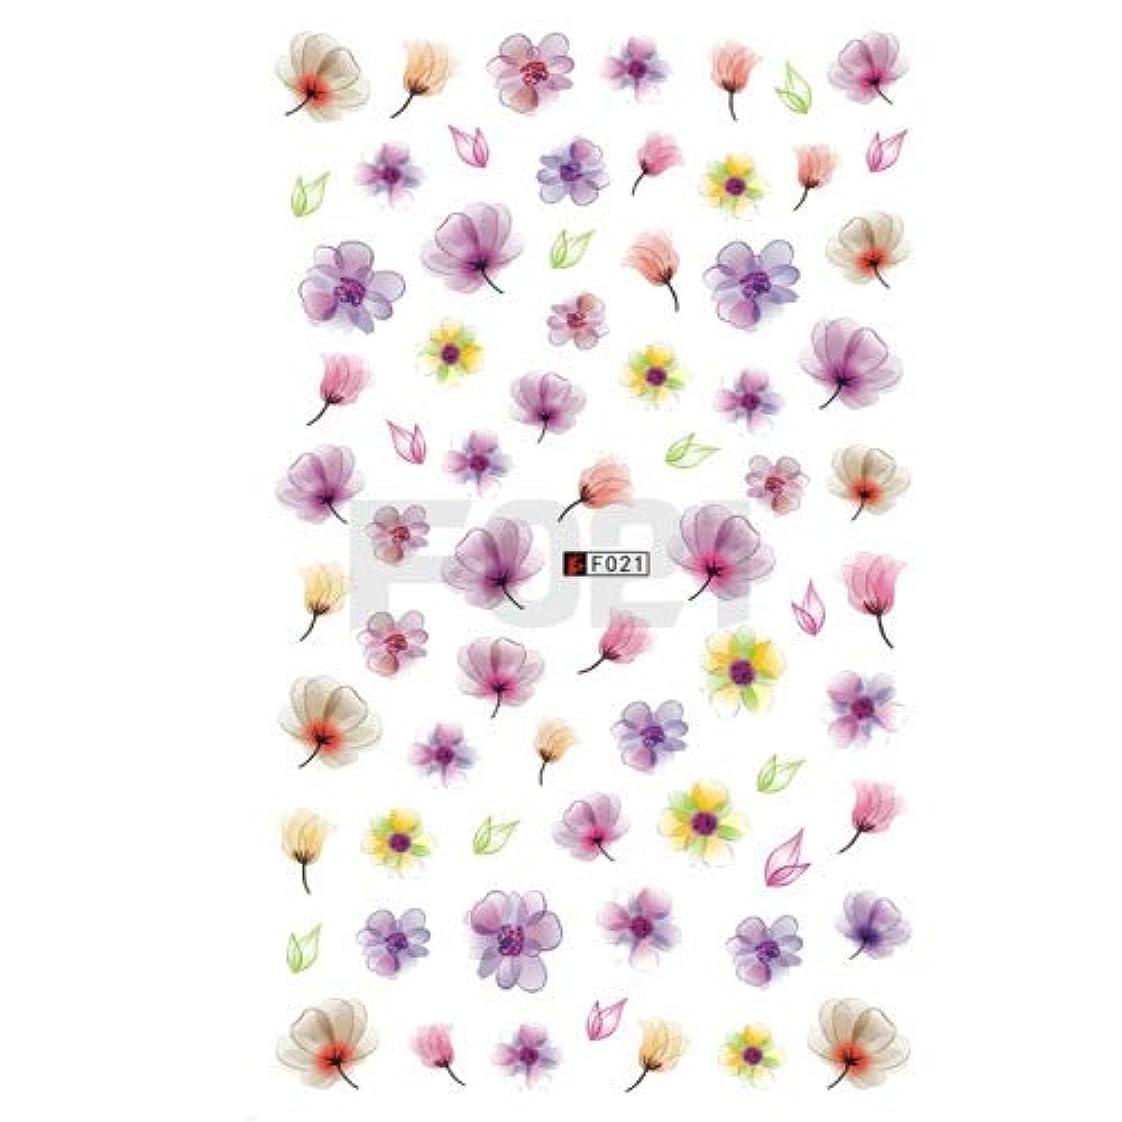 強要きらめき異邦人ビューティー&パーソナルケア 3個の3Dネイルステッカー咲く花3Dネイルアートステッカーデカール(F199) ステッカー&デカール (色 : F021)